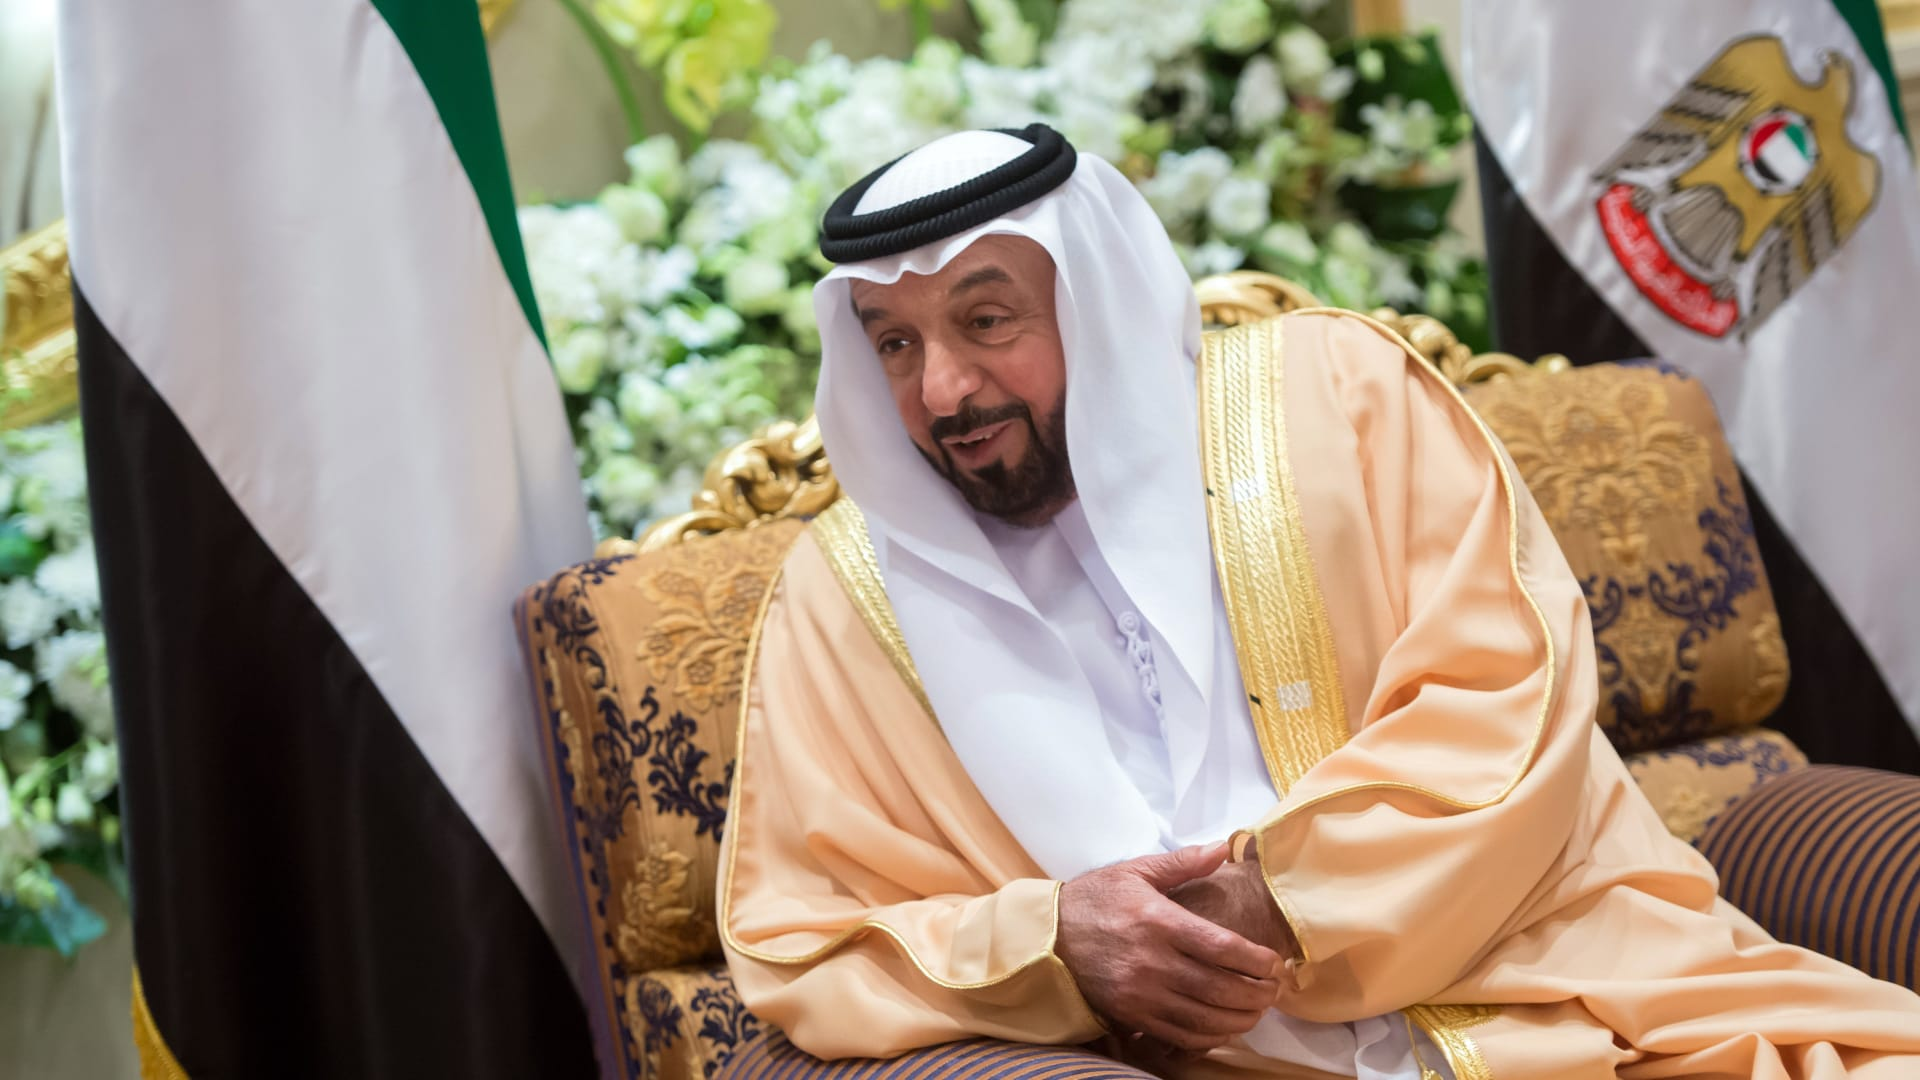 صورة أرشيفية للشيخ خليفة بن زايد رئيس الإمارات العام 2013